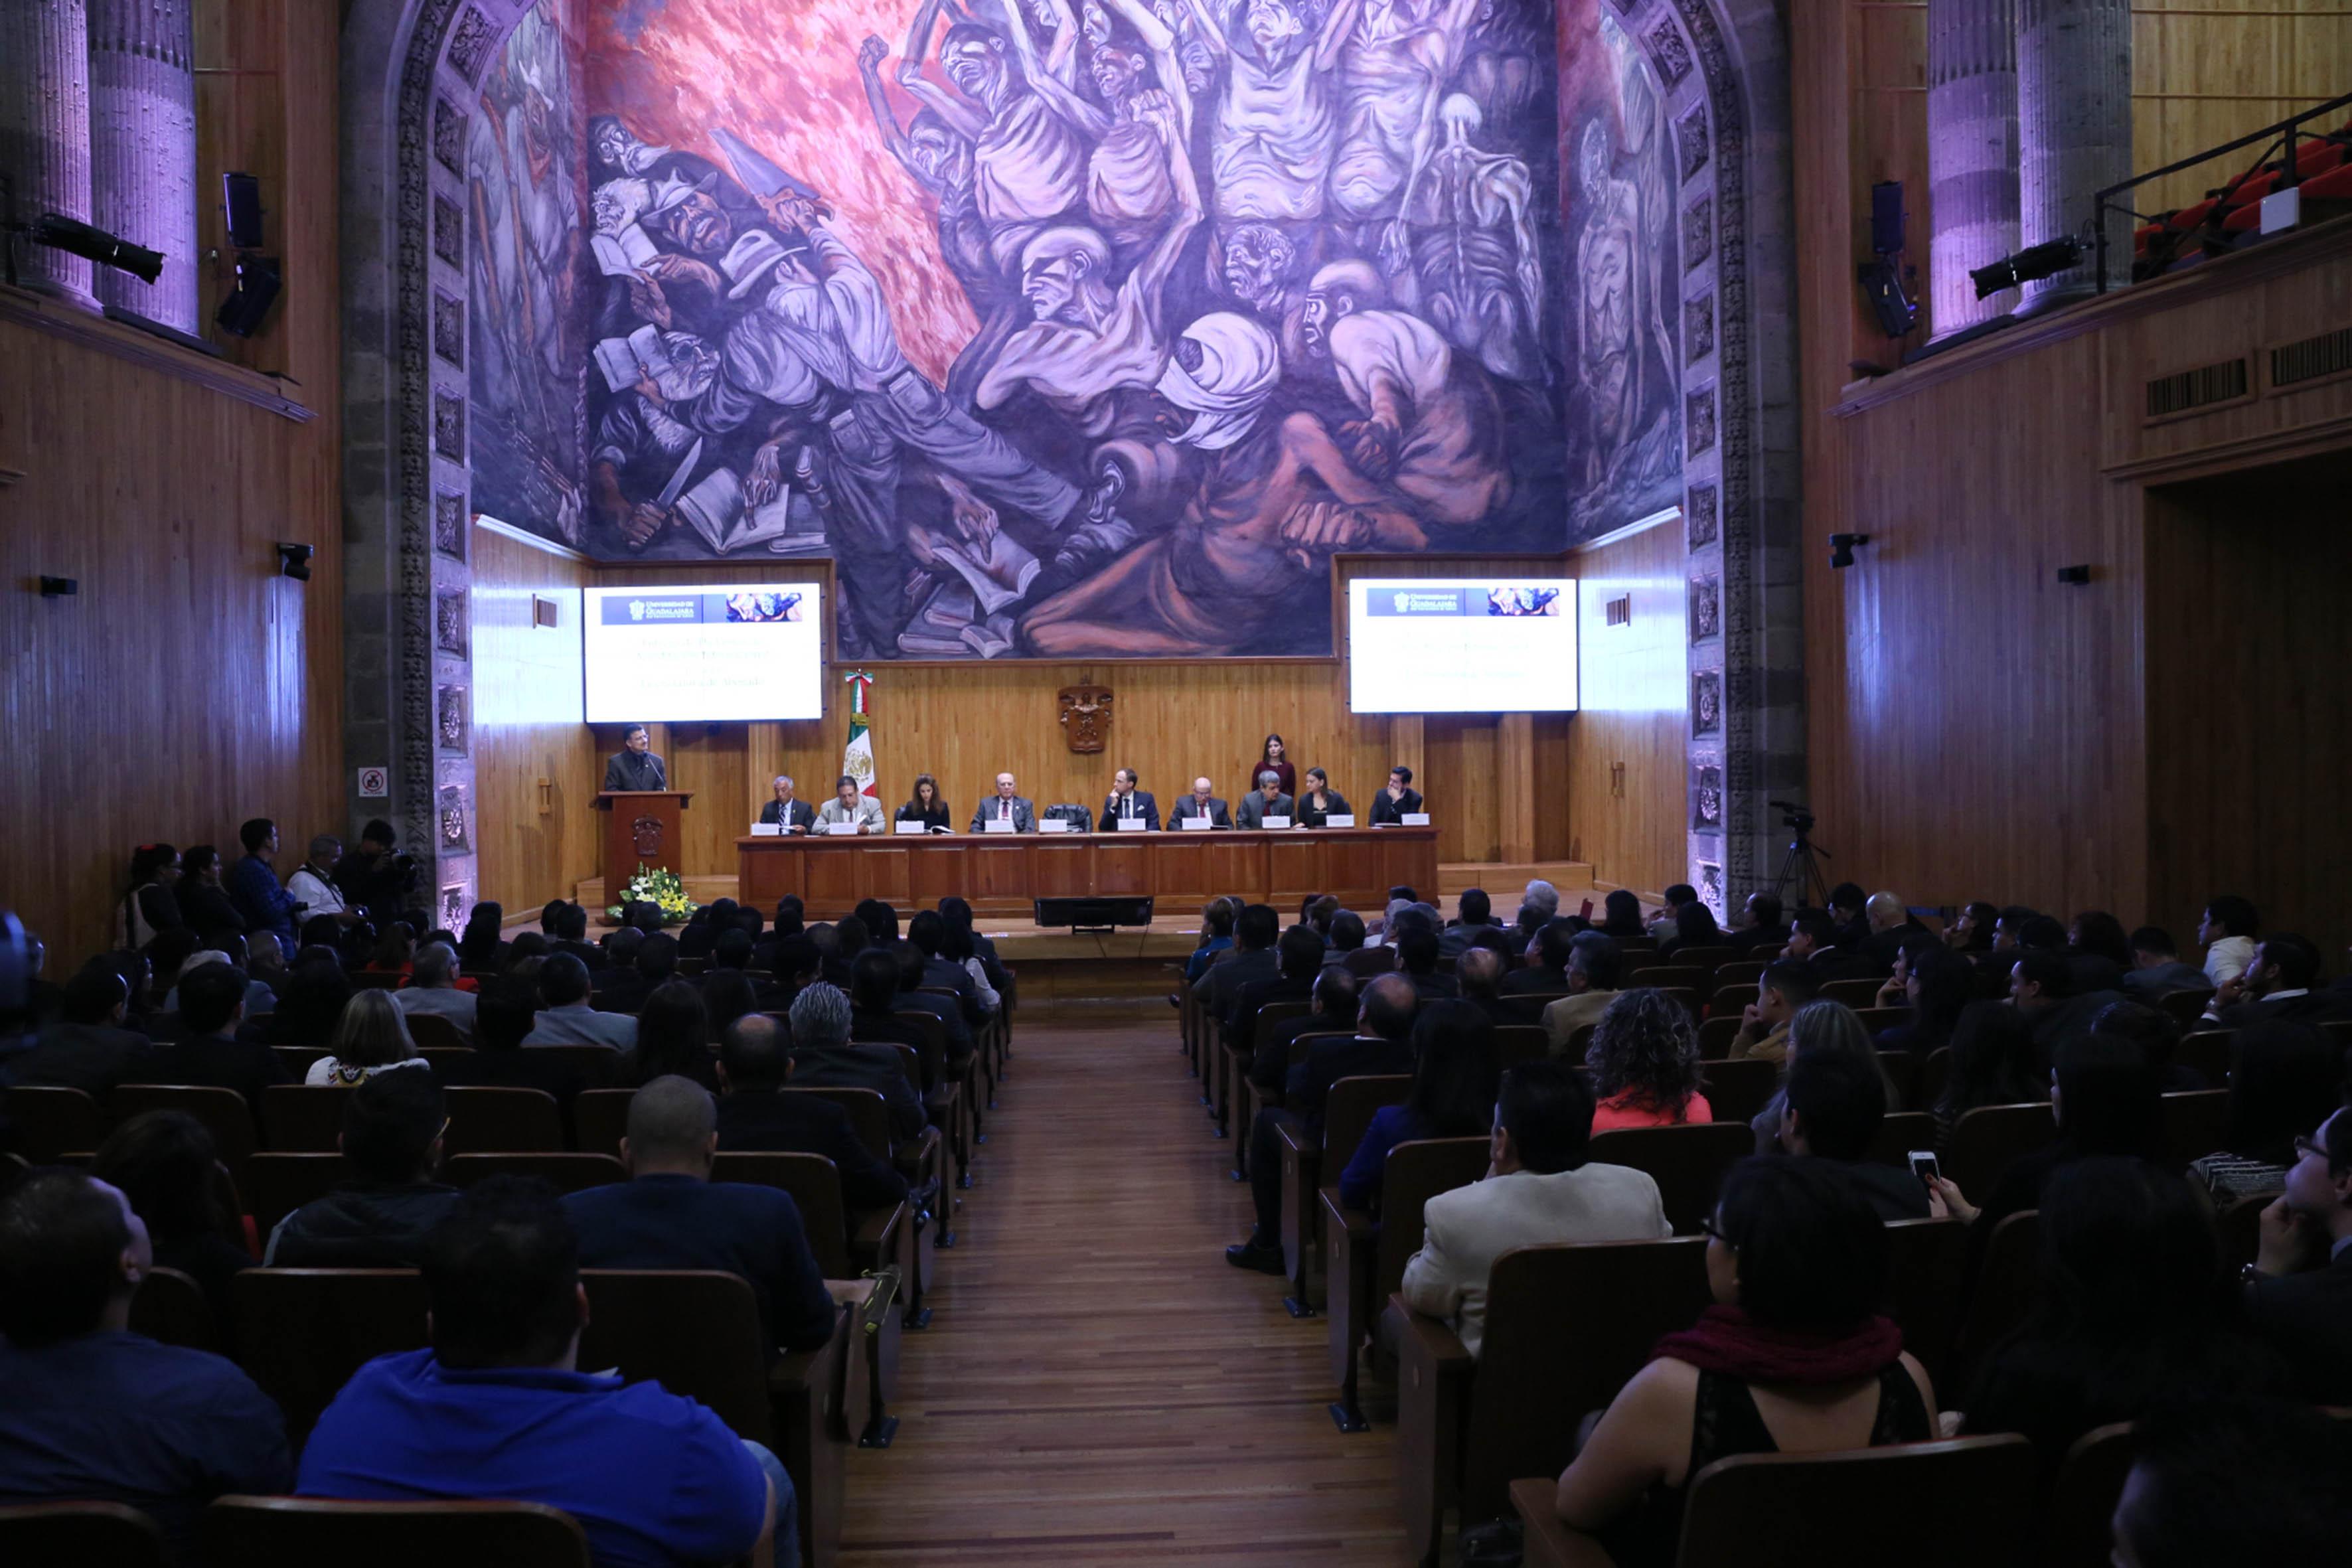 Vista panorámica del evento de acreditación internacional de la licenciatura de abogado, llevado a cabo en el Paraninfo Enrique Díaz de León.